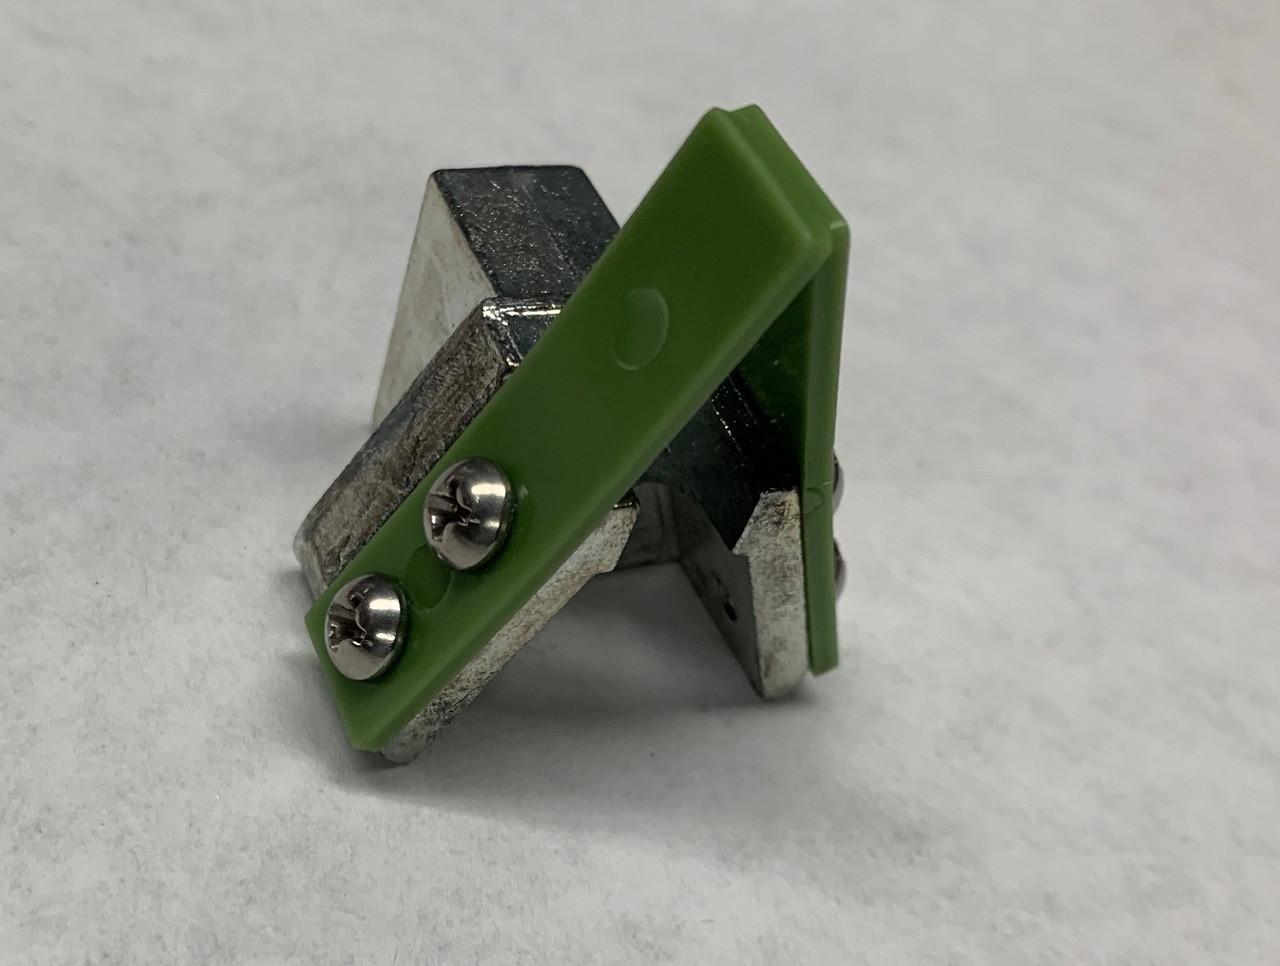 Blade Scraper Bracket with Cleaners (Nylon) - B024A-130/N